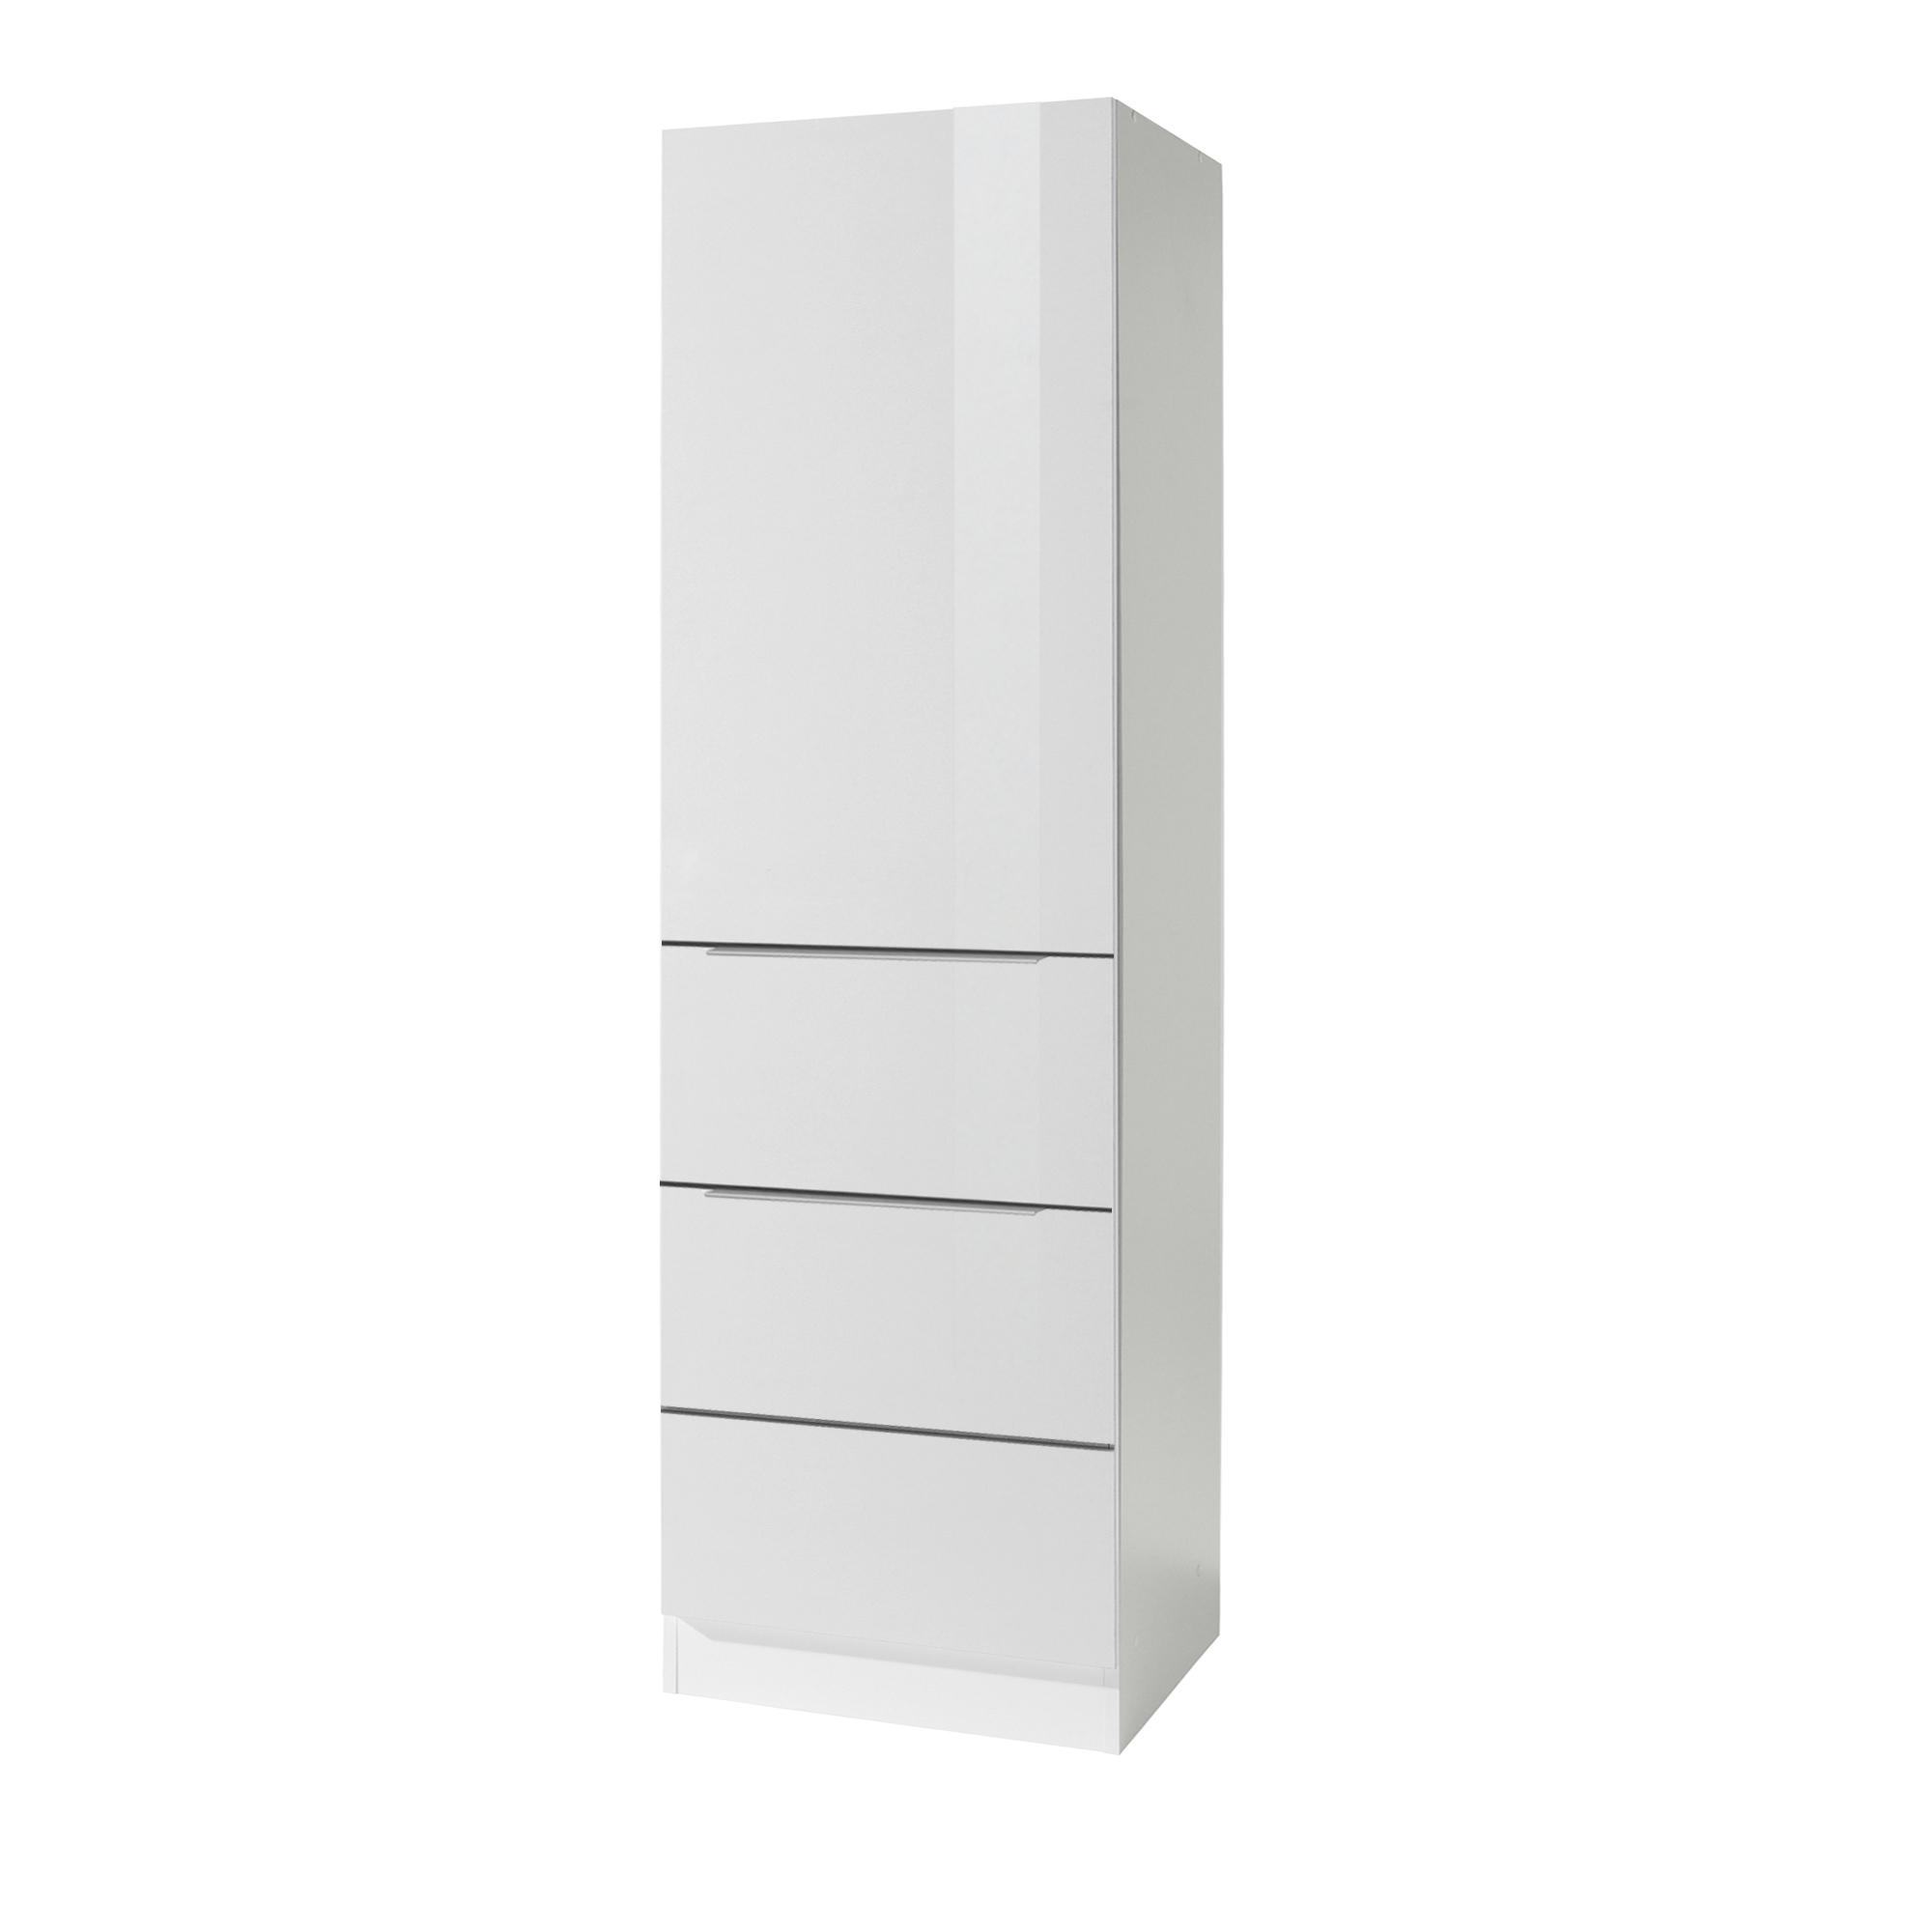 Küchen-Hochschrank HAMBURG - 20-türig - 20 cm breit - Hochglanz Weiß / Weiß